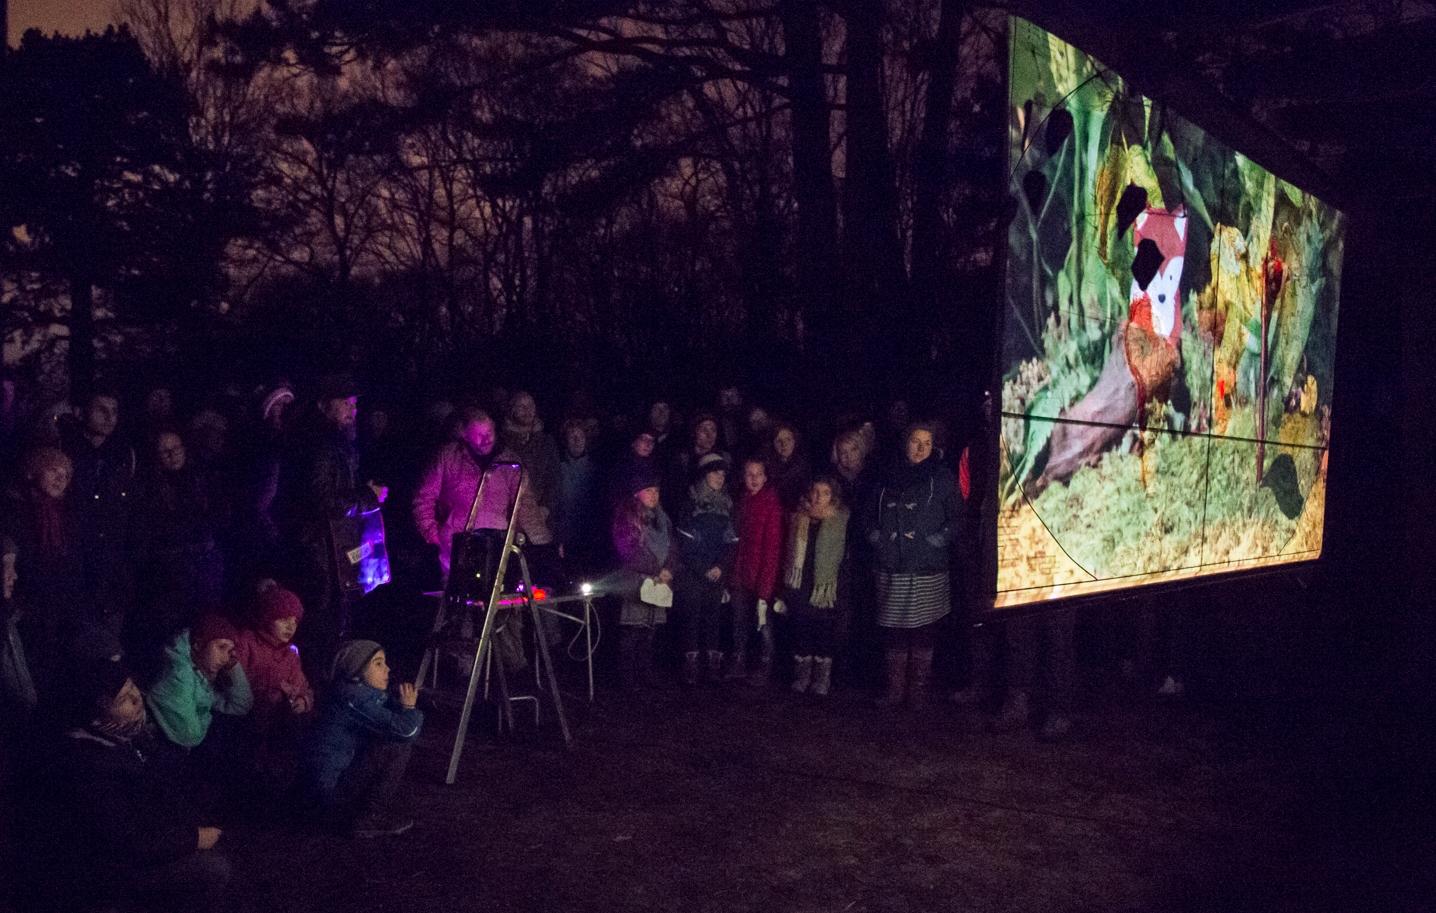 Foto zur Kurzfilmtag-Veranstaltung in Erfurt. Eine Gruppe von Erwachsenen und Kindern schaut auf einer Leinwand im Wald einen Film.